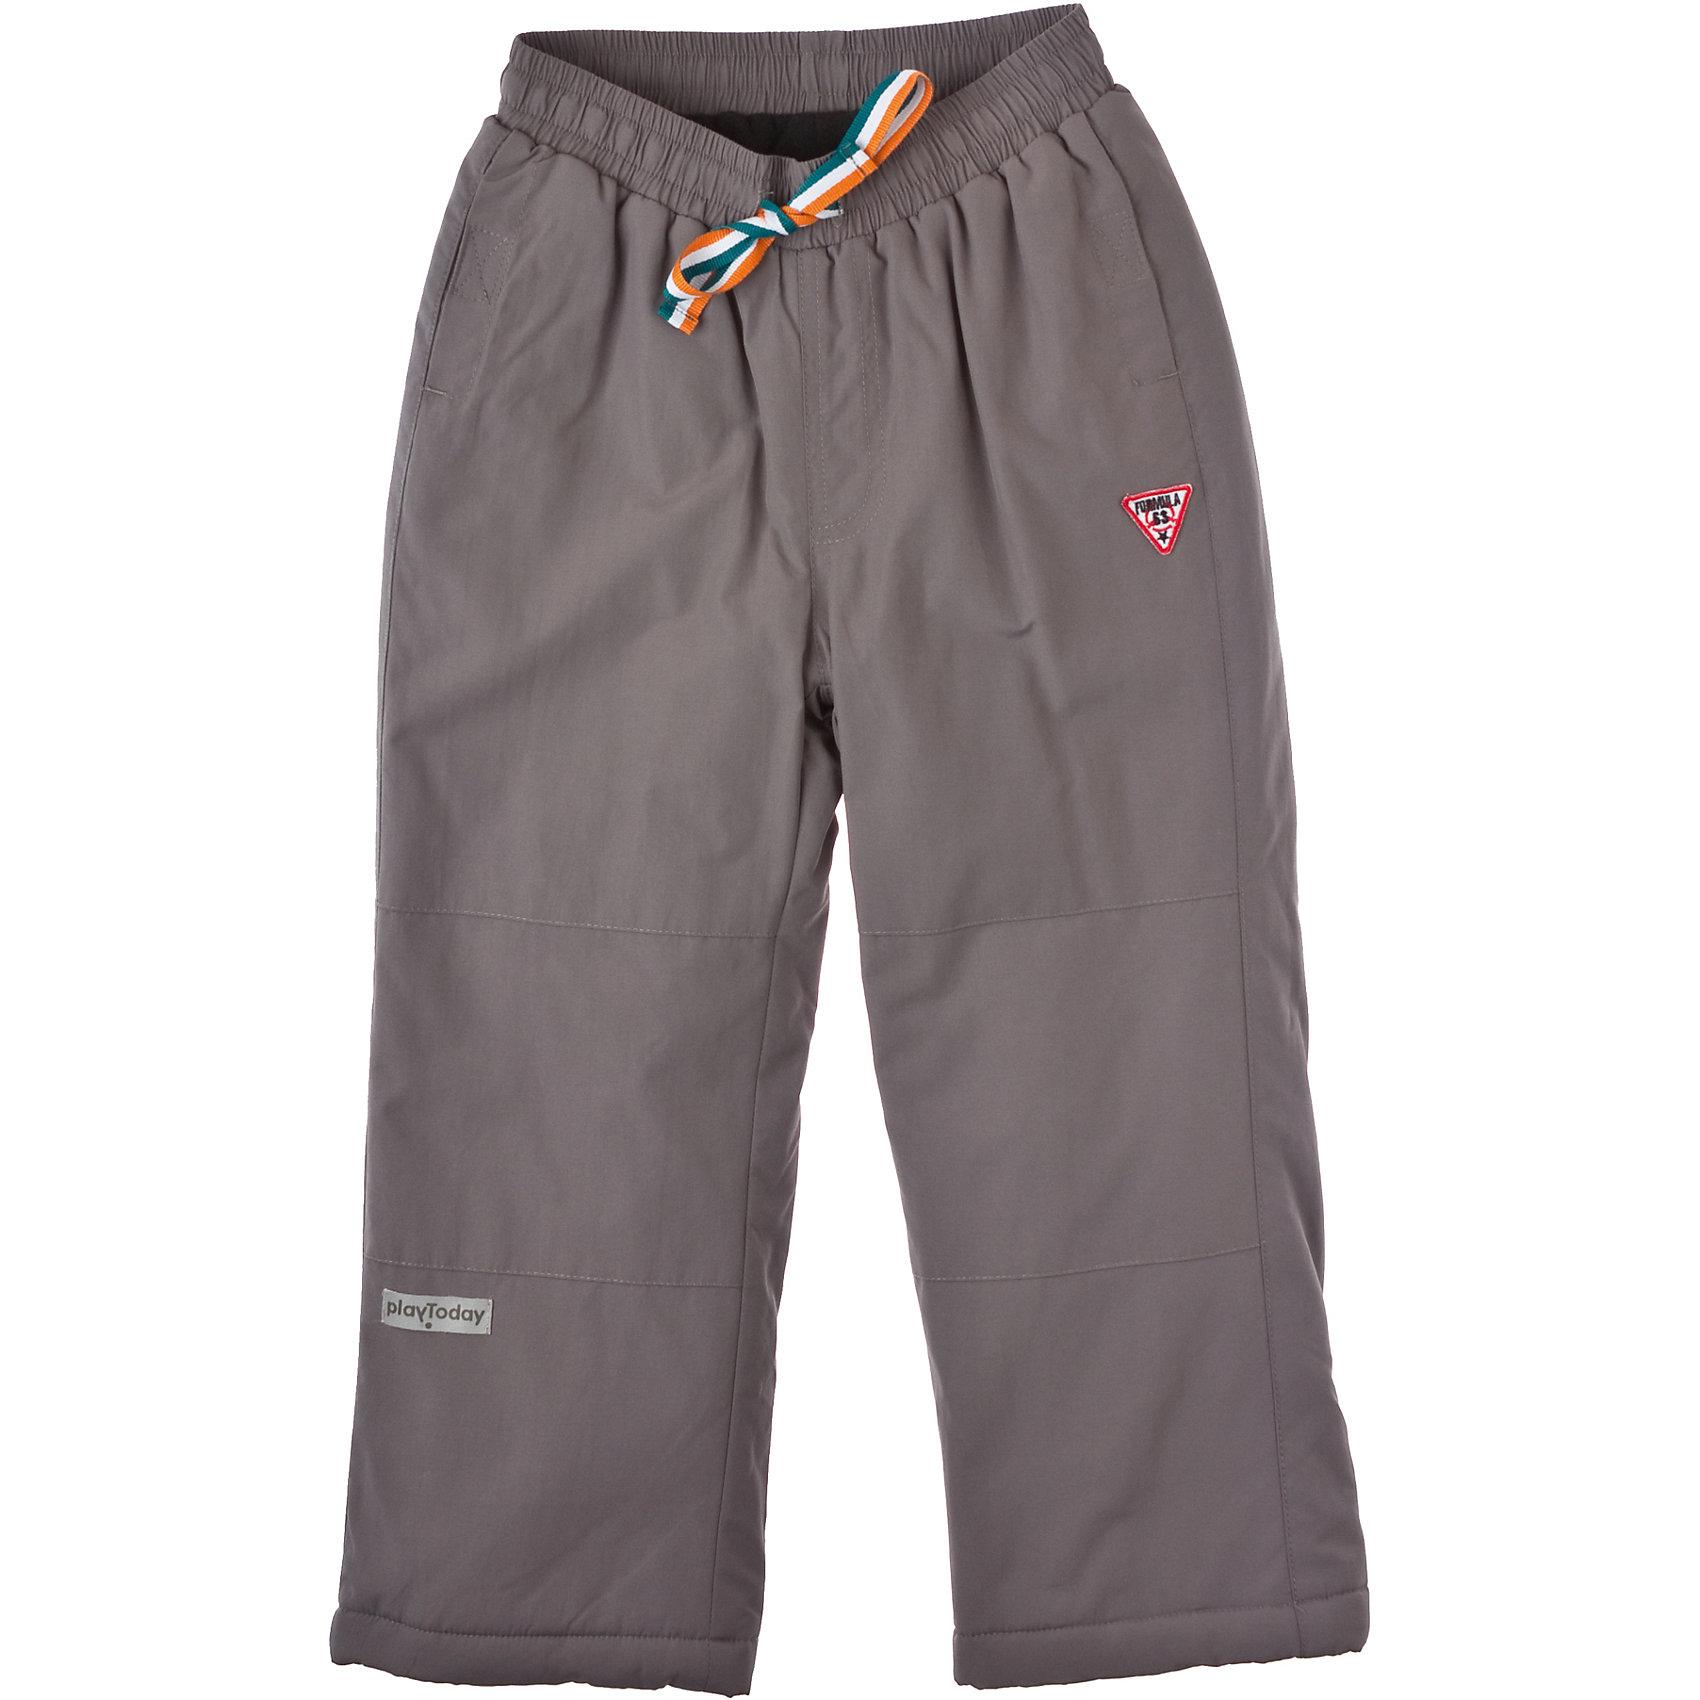 Брюки для мальчика PlayTodayБрюки для мальчика PlayToday Утепленные брюки на холодную погоду. Флисовая подкладка вверху изделия, и нейлоновая к низу, что обеспечивает легкое одевание. Пояс - на резинке, с завязками. Состав: Верх: 100% нейлон, подкладка: 100% полиэстер, наполнитель: 100% полиэстер<br><br>Ширина мм: 215<br>Глубина мм: 88<br>Высота мм: 191<br>Вес г: 336<br>Цвет: серый<br>Возраст от месяцев: 36<br>Возраст до месяцев: 48<br>Пол: Мужской<br>Возраст: Детский<br>Размер: 104,110,116,98,122,128<br>SKU: 4227533